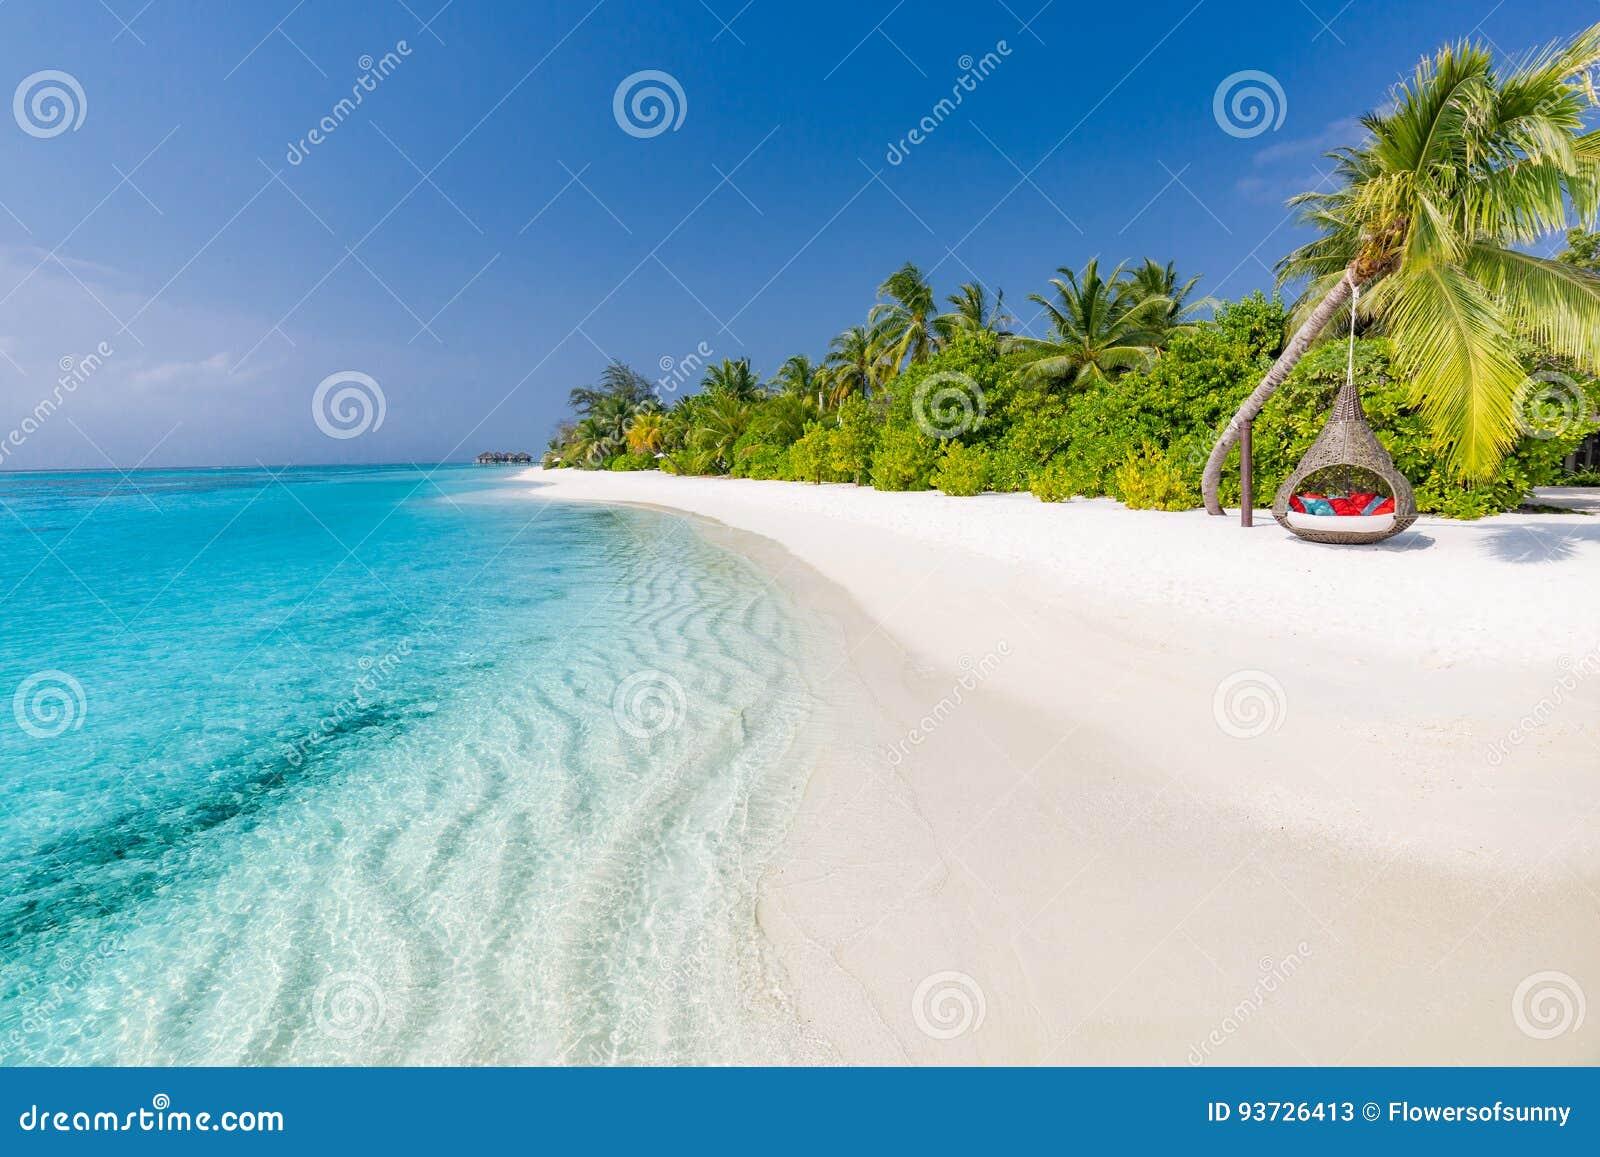 Pink scallop seashell ландшафт пляжа красивейший место природы тропическое Пальмы и голубое небо Концепция летнего отпуска и кани